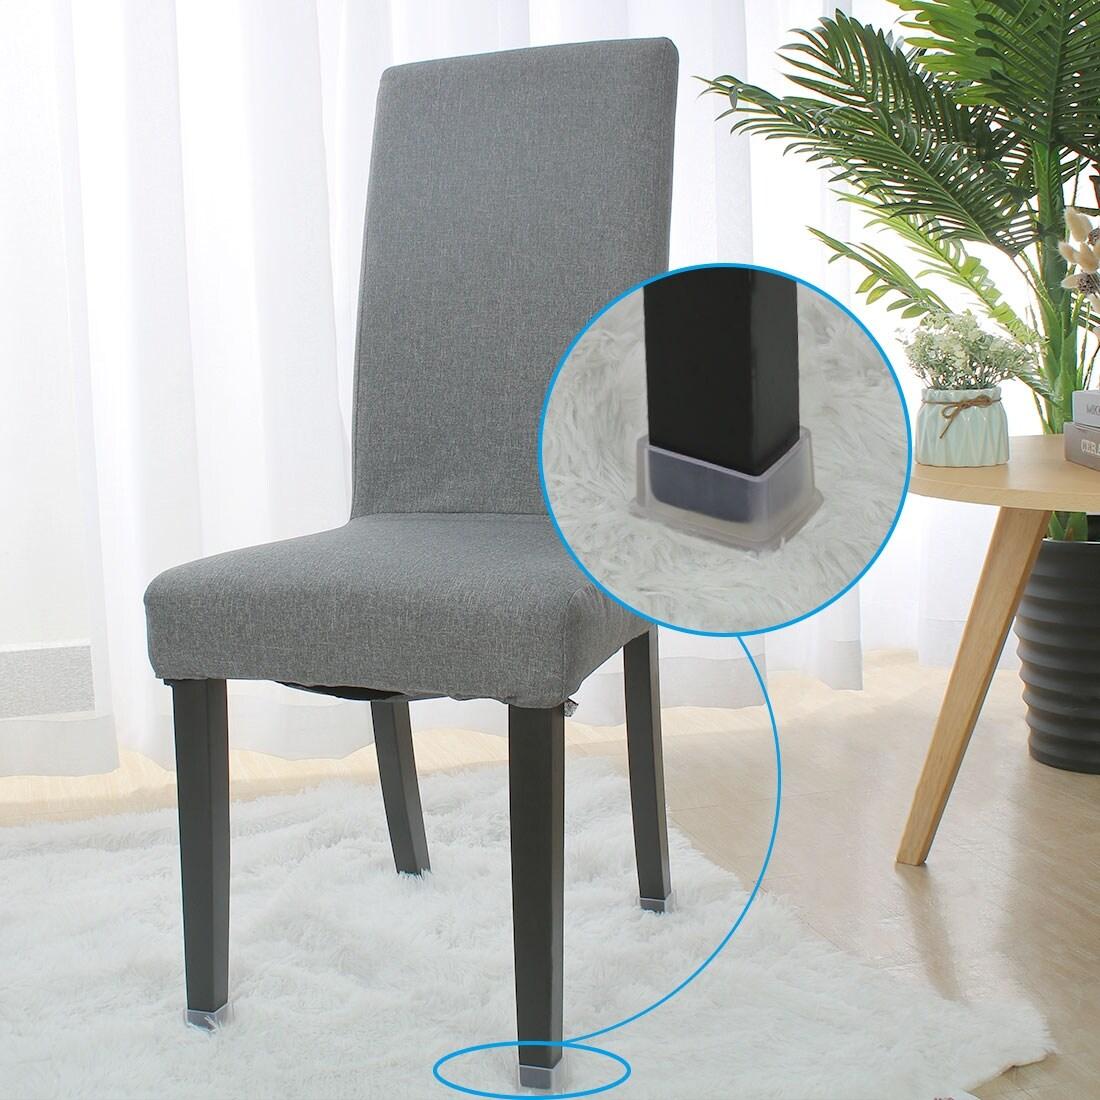 Clear Pvc Chair Leg Caps End Tip Feet